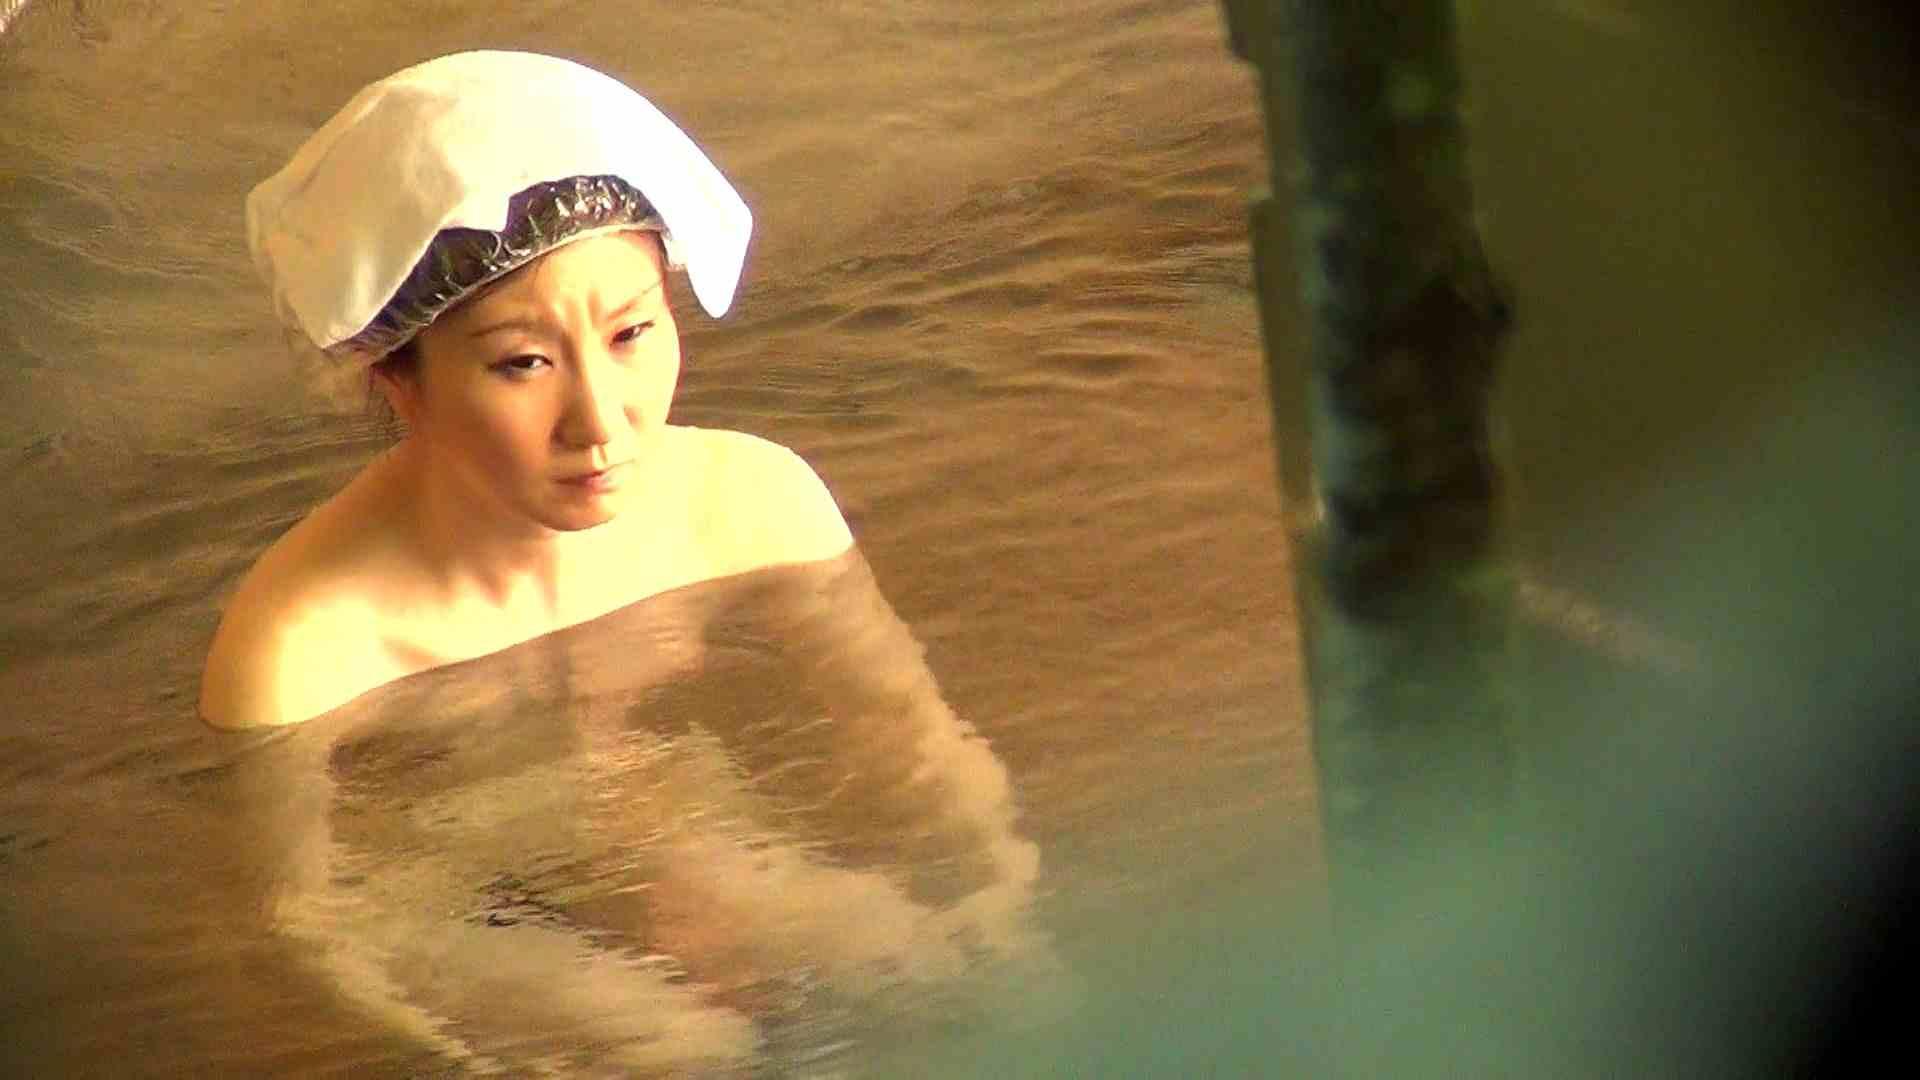 Aquaな露天風呂Vol.278 盗撮シリーズ  100PIX 86